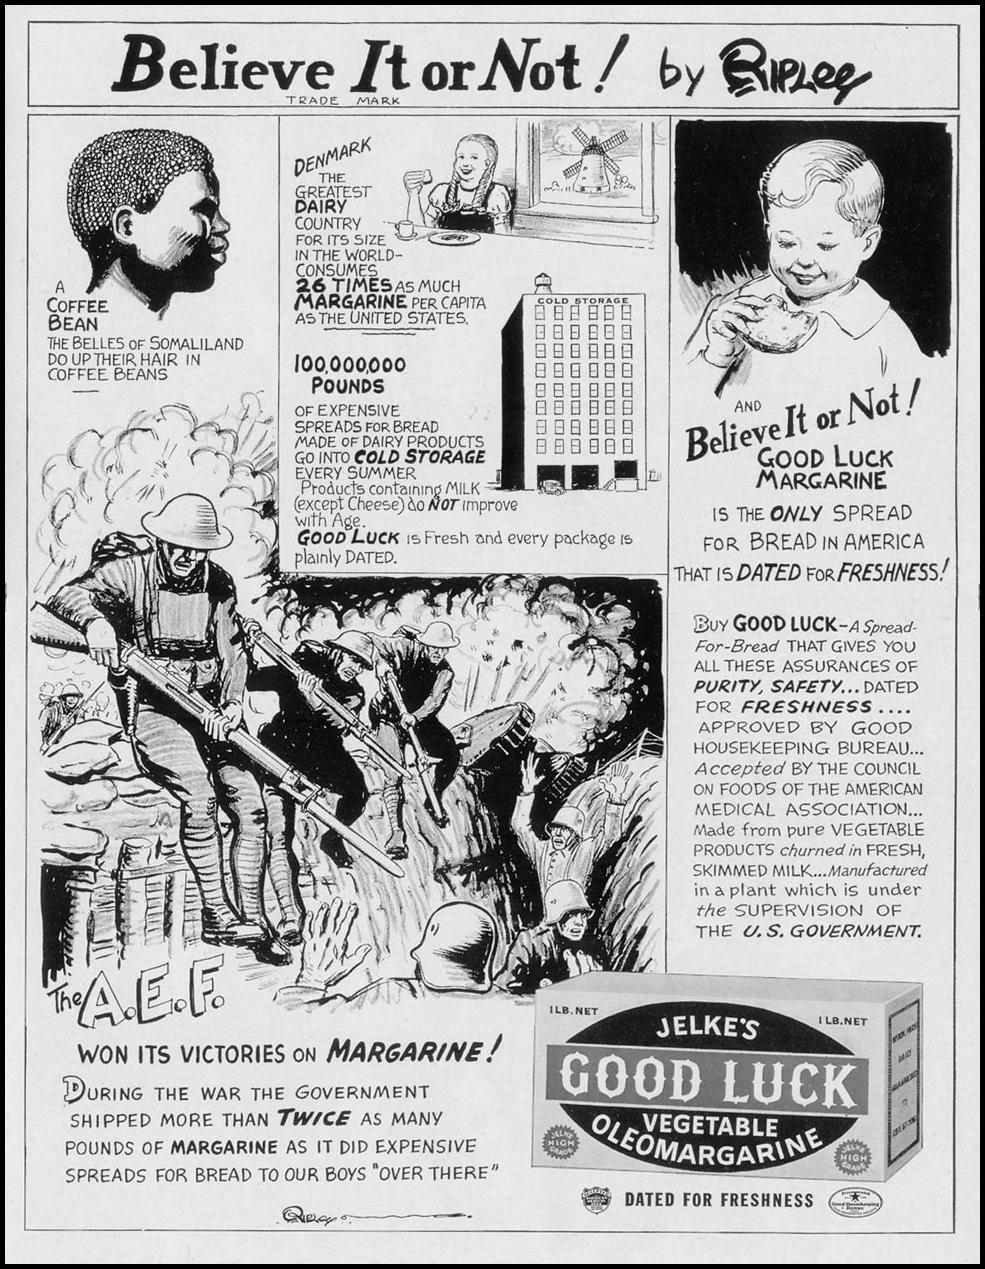 JELKE'S GOOD LUCK VEGETABLE OLEOMARGARINE LIFE 09/27/1937 p. 109